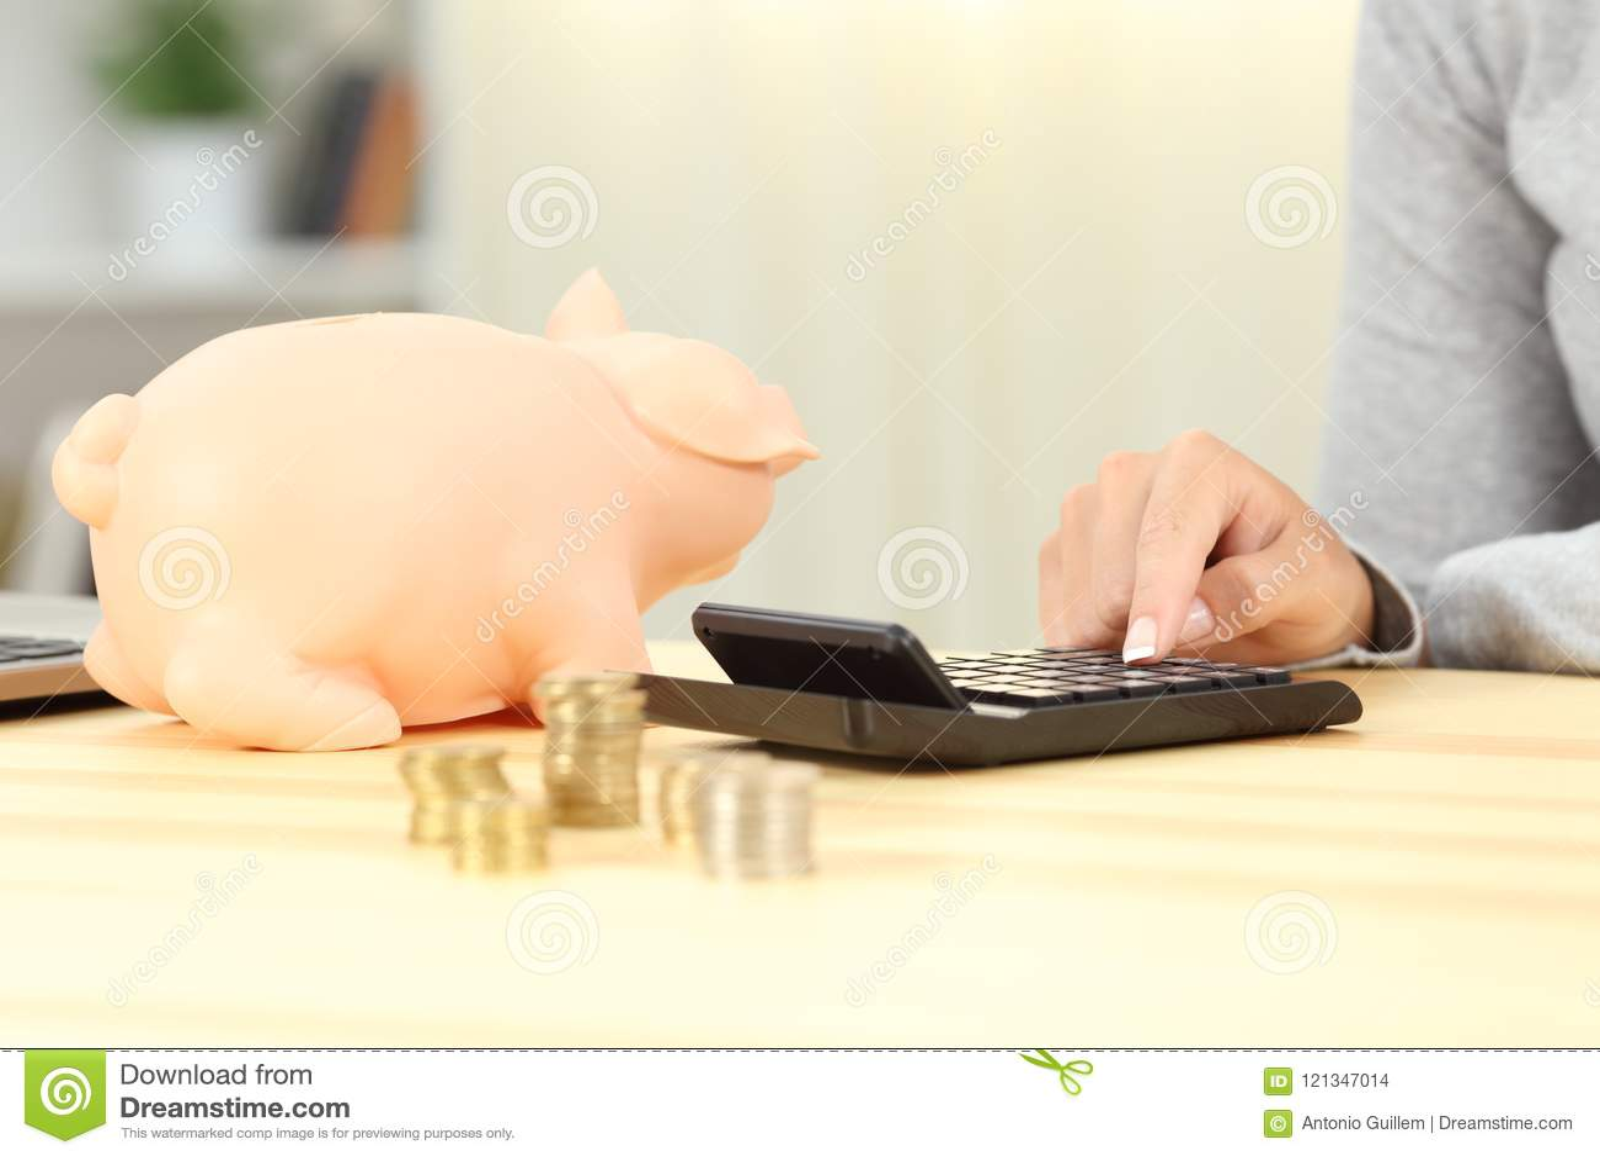 Woman calculating savings at home